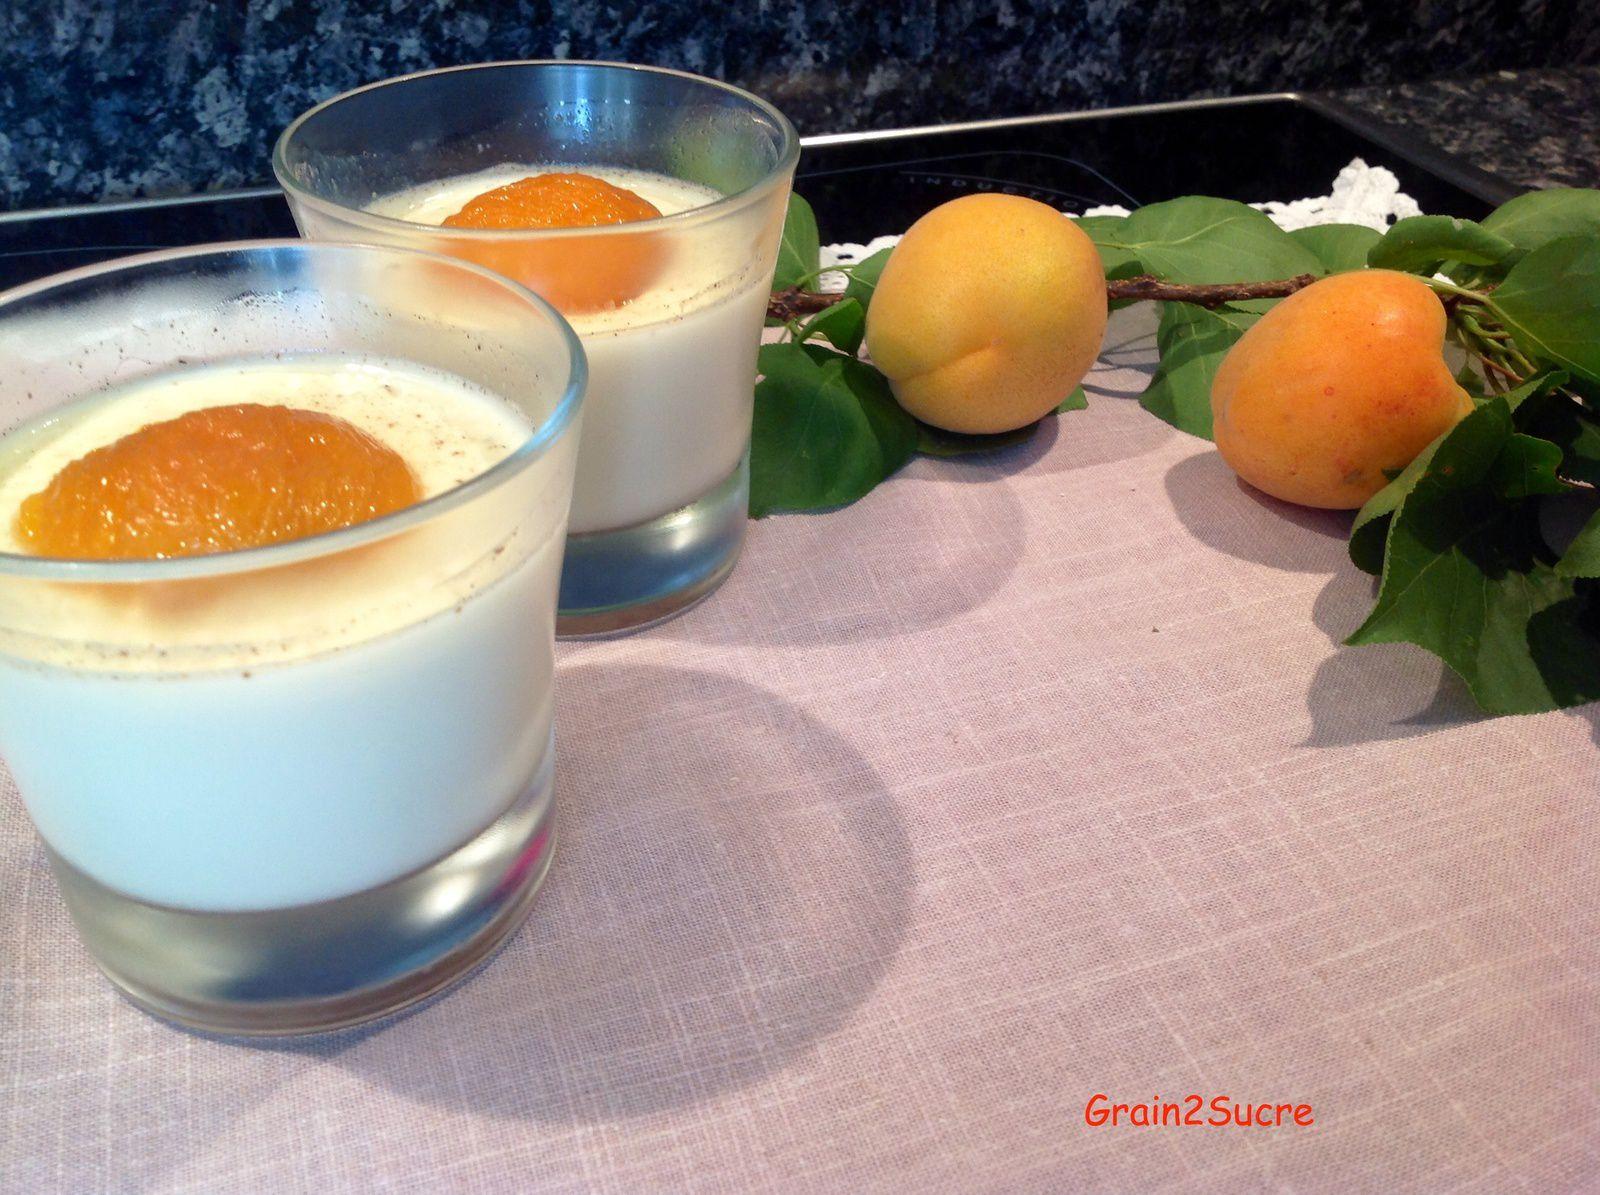 Grain2Sucre. Recette Panna cotta à la fleur d'oranger et abricots rôtis, crème fleurette, sucre, abricots